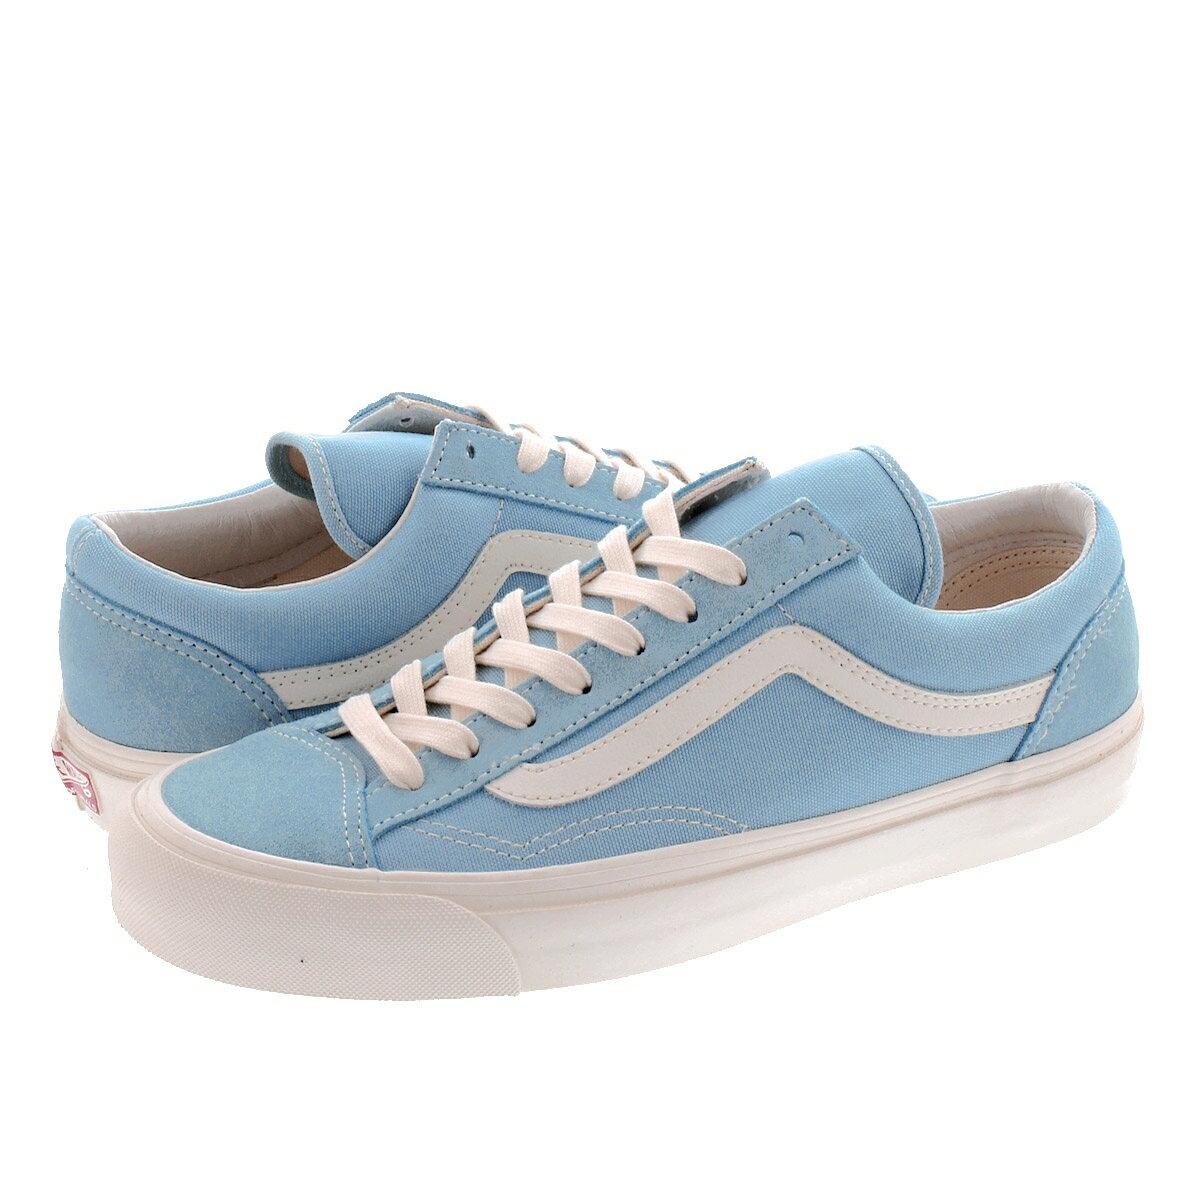 メンズ靴, スニーカー  VANS VAULT OG STYLE 36 LX OG 36 LX FRAGMENTMARSHMALLOW vn-0a4bvevz5